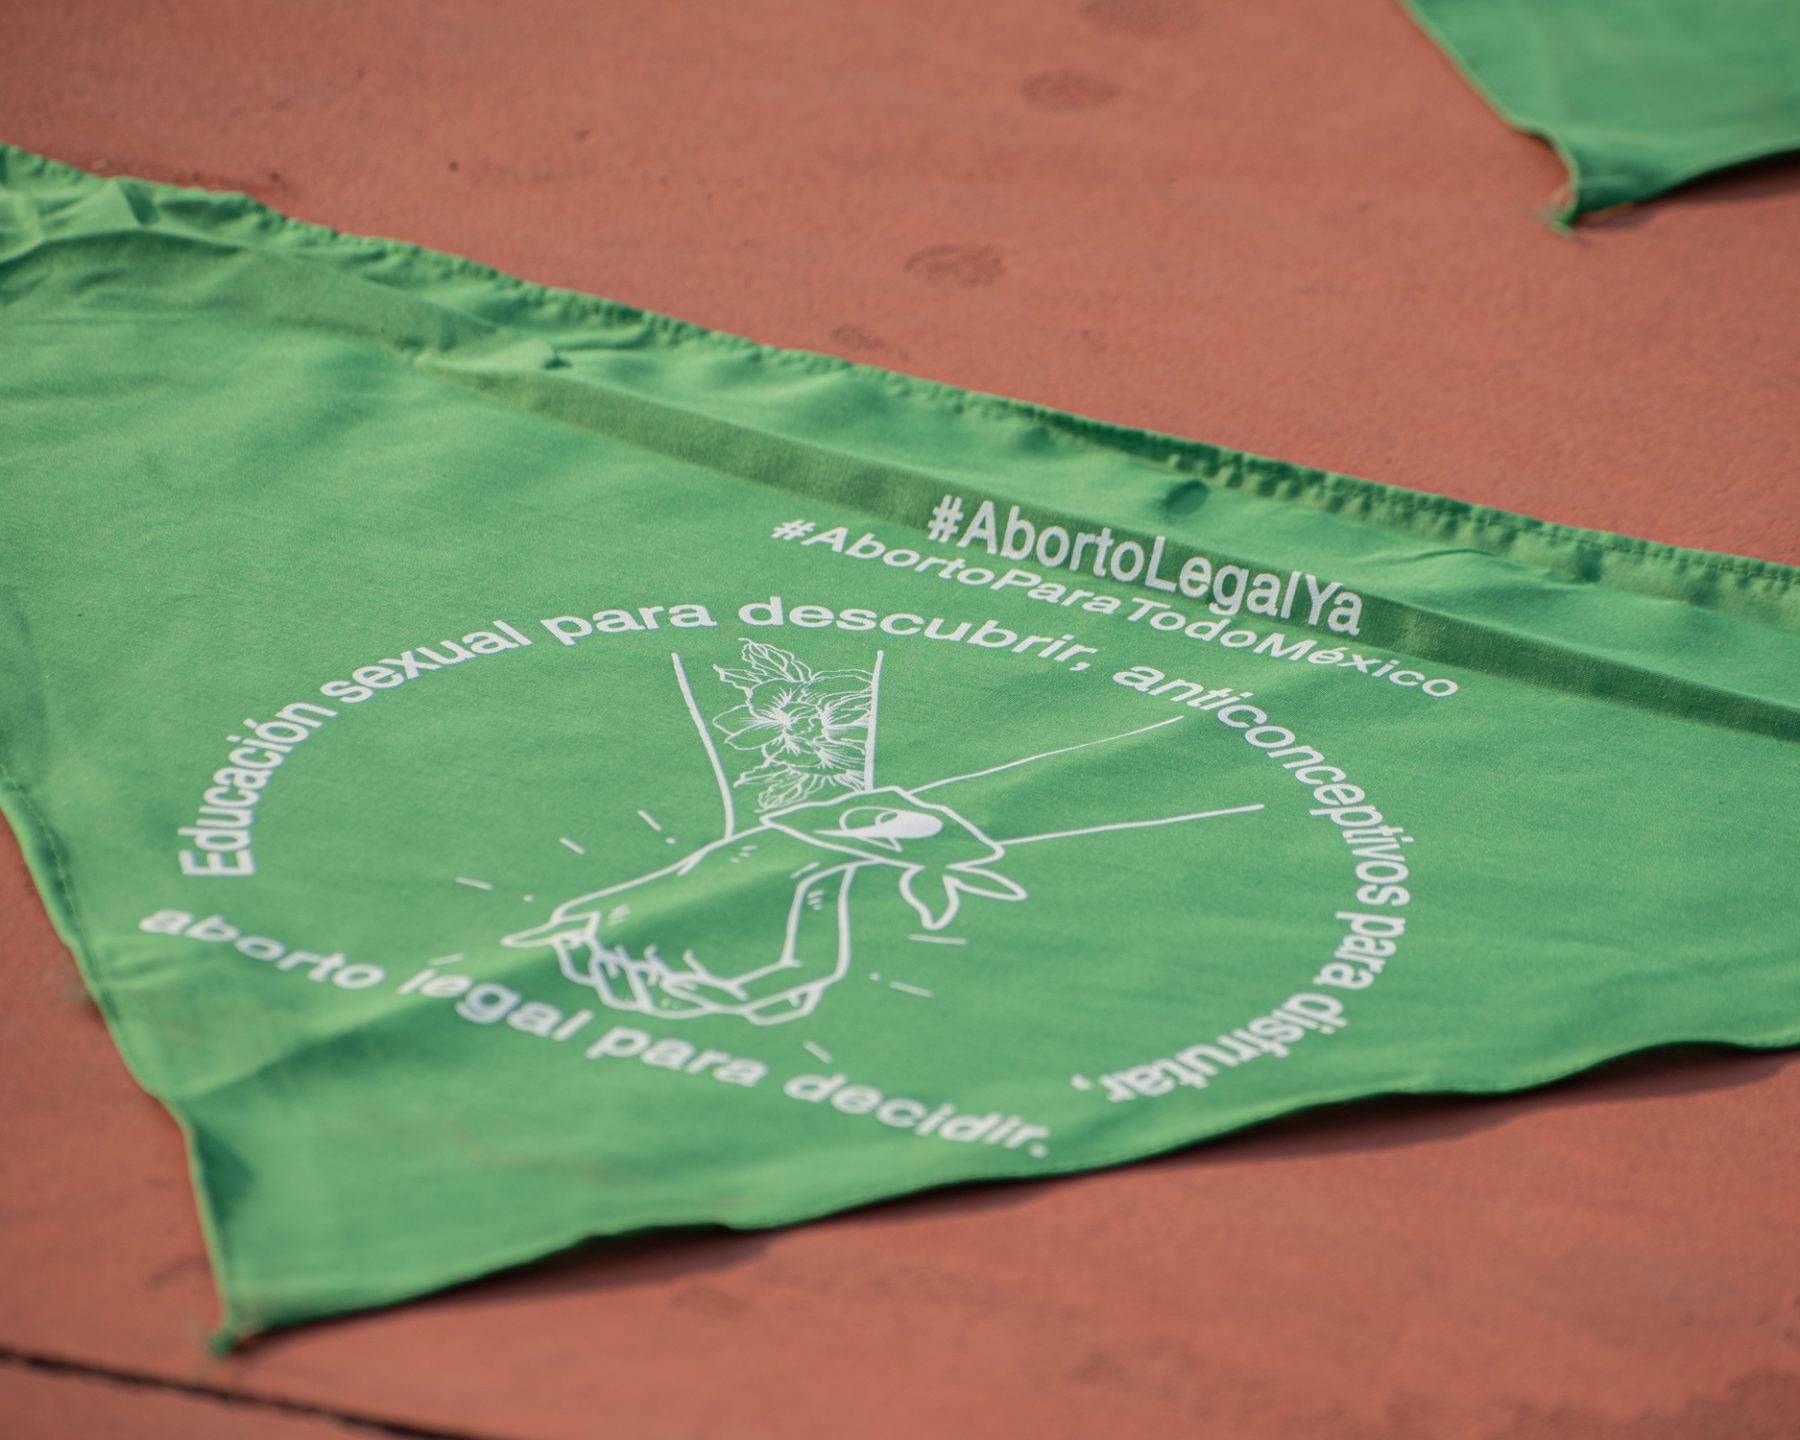 Fotografía en la que se observa un pañuelo verde a favor del aborto en Puebla; éste es usado por feministas